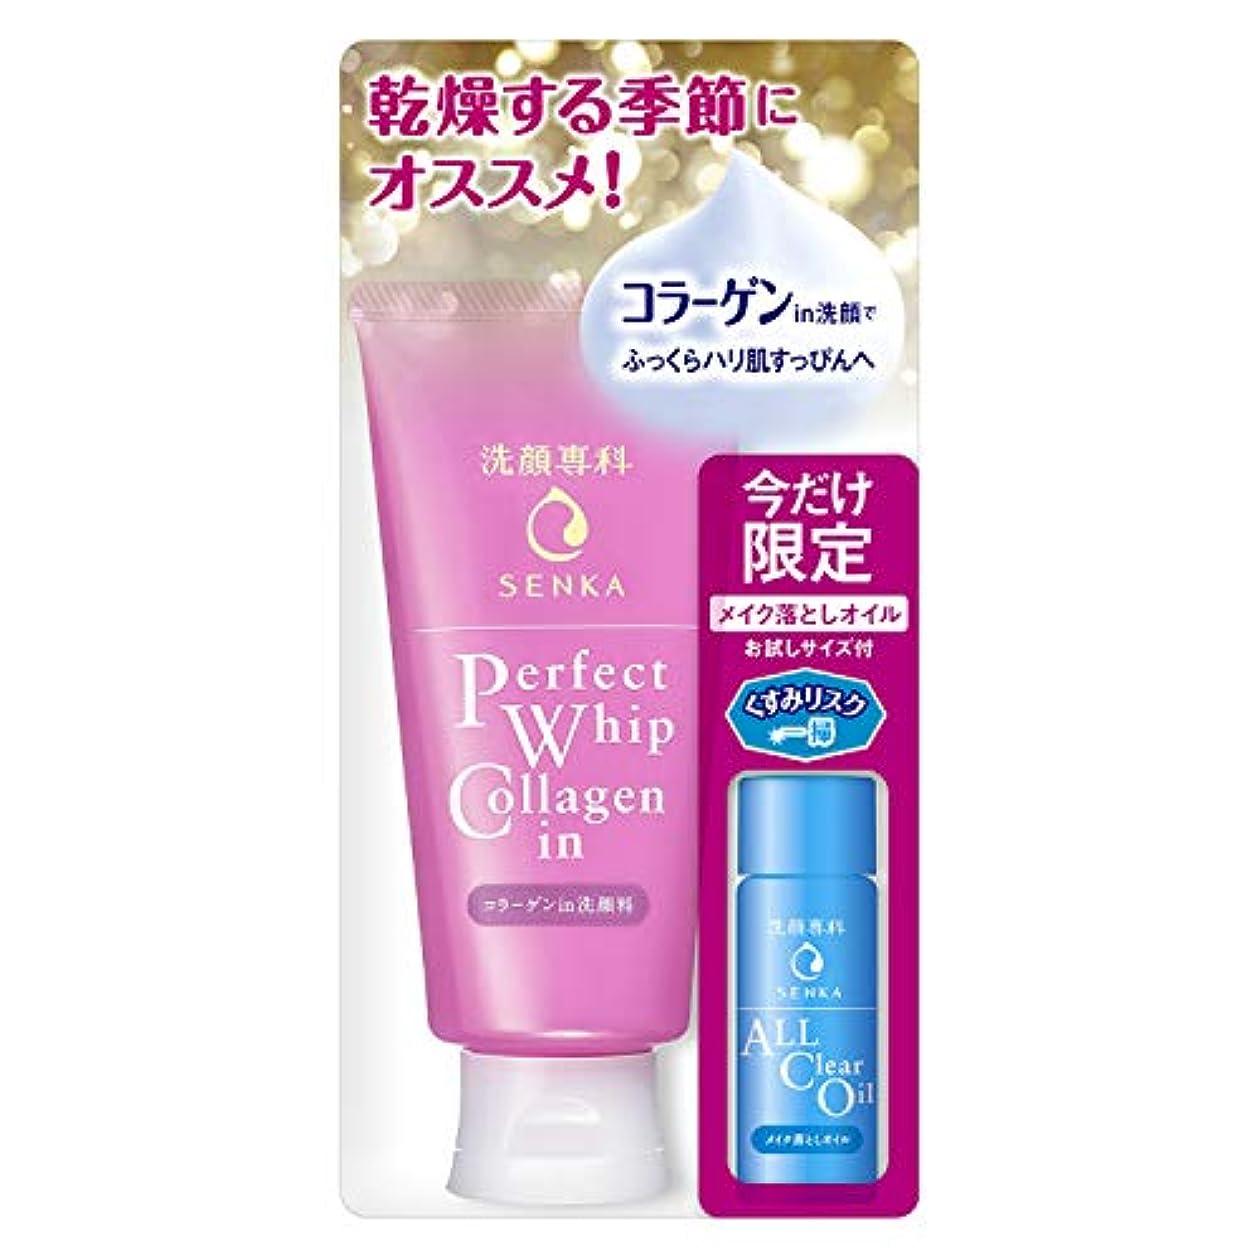 本質的にパンセント洗顔専科 パーフェクトホイップ コラーゲンin オールクリアオイル特製サイズ付き